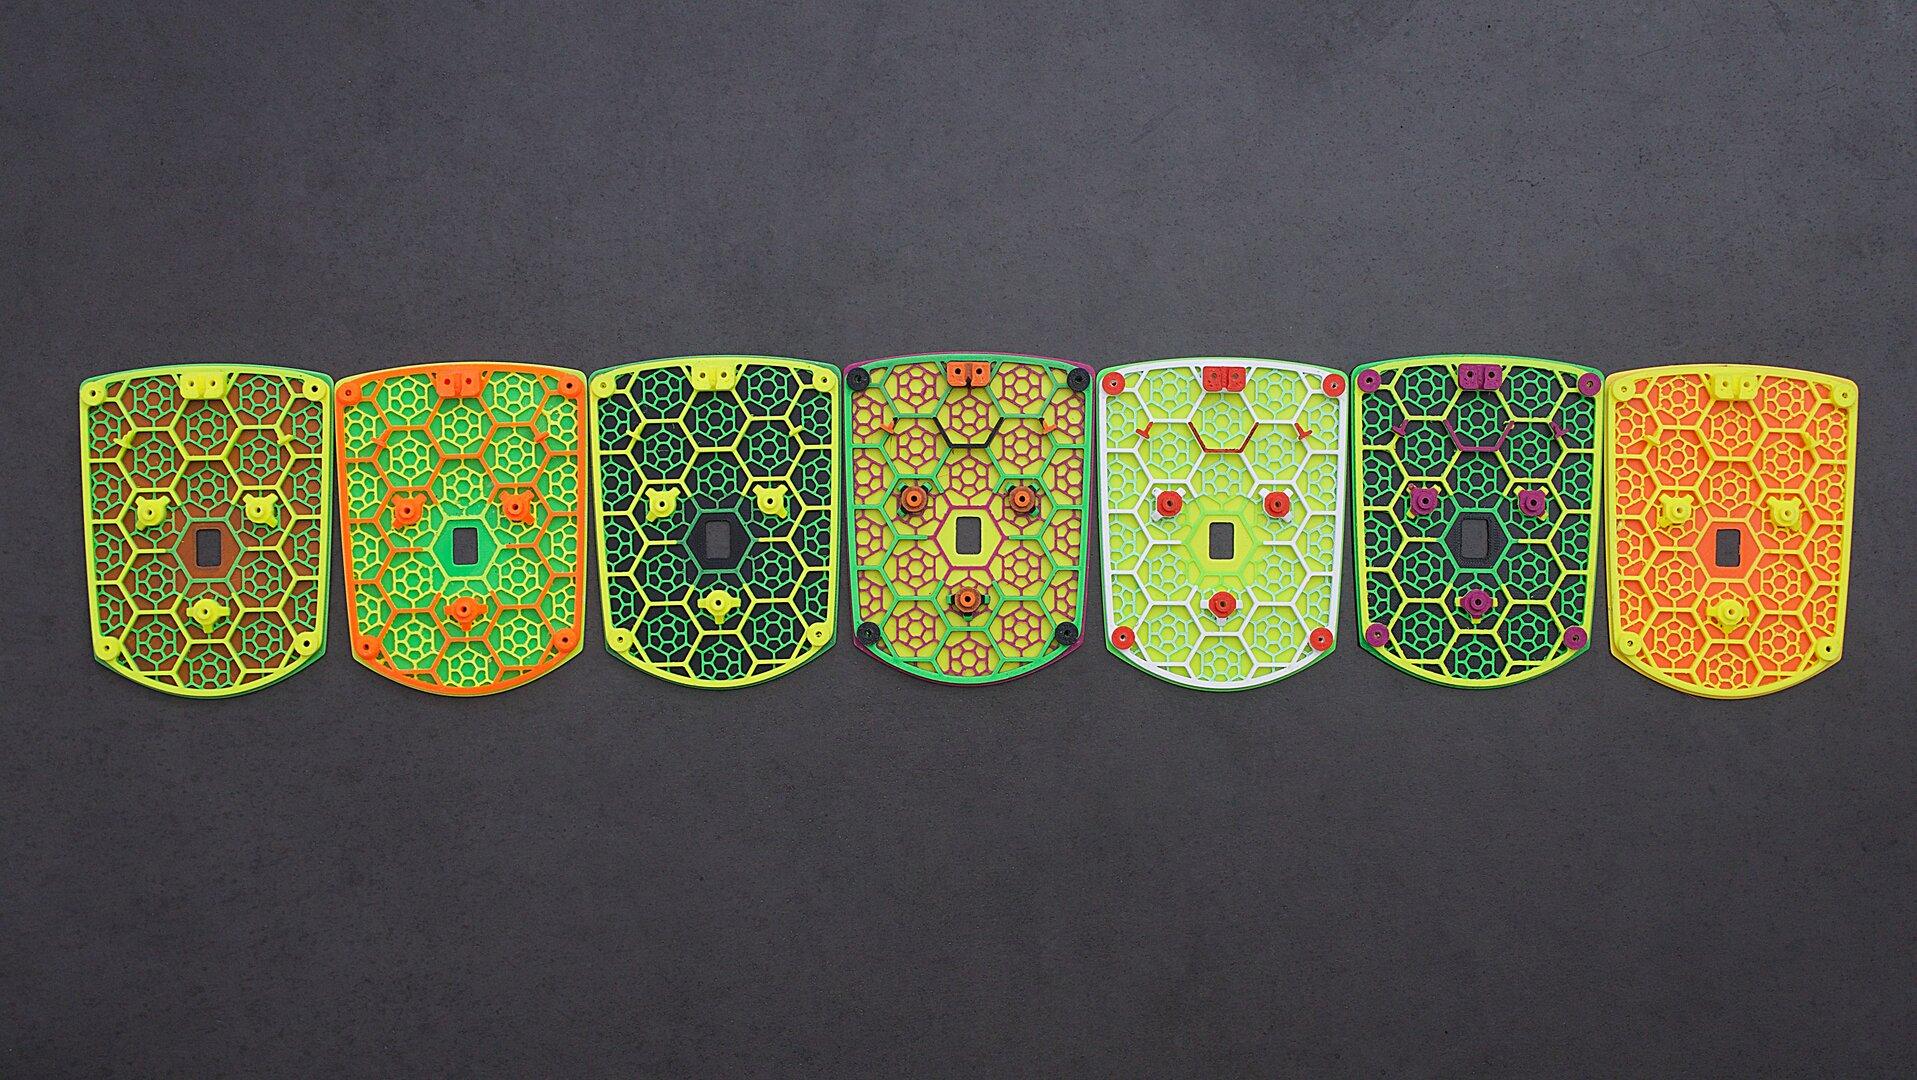 3D-gedruckte Bodenplatte variieren in der Farbgebung